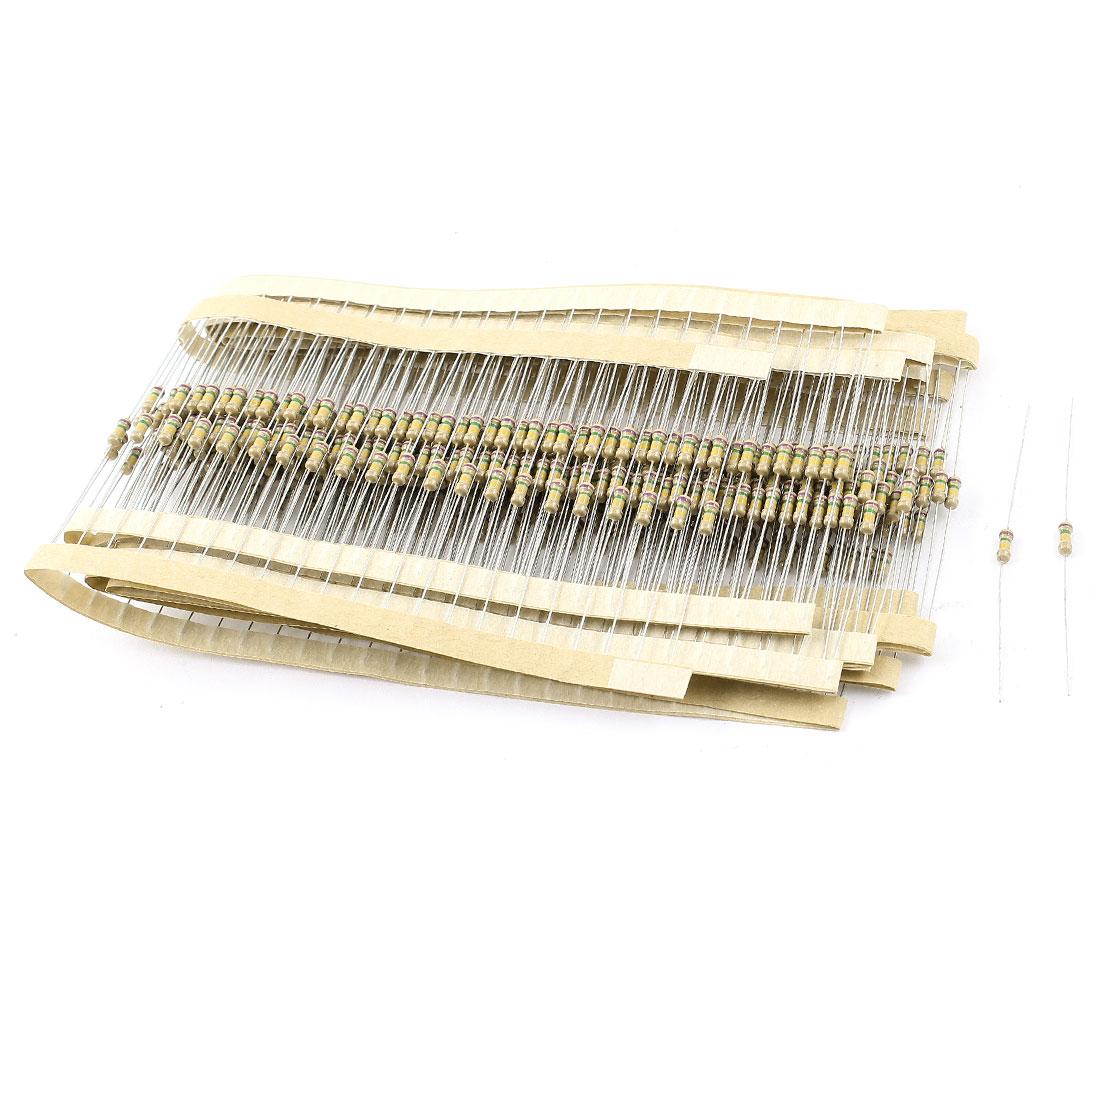 400PCS 0.25W 5% Tolerance 750K Ohm Axial Leads Carbon Film Resistors